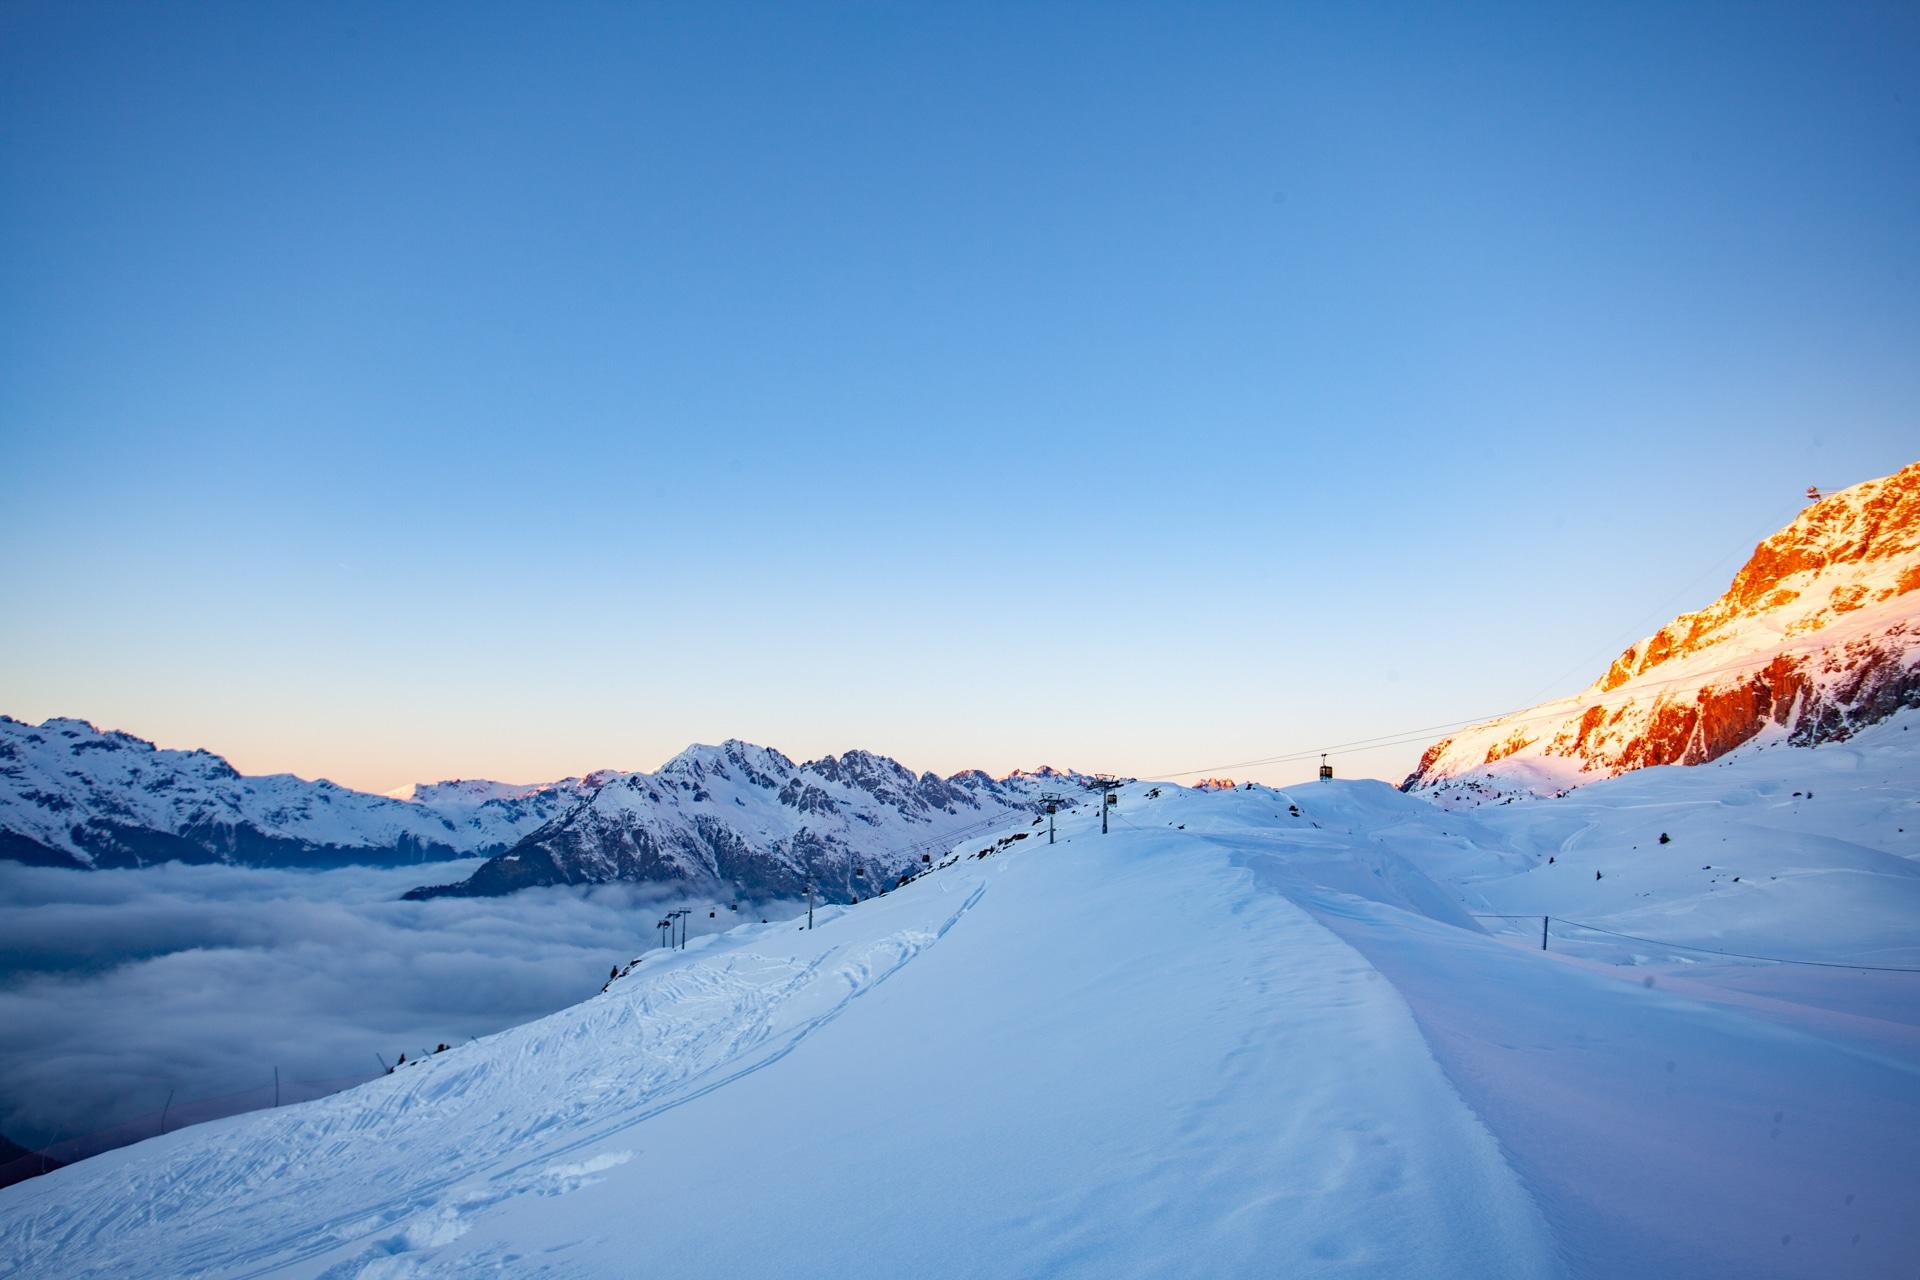 alpe d'huez domaine skiable